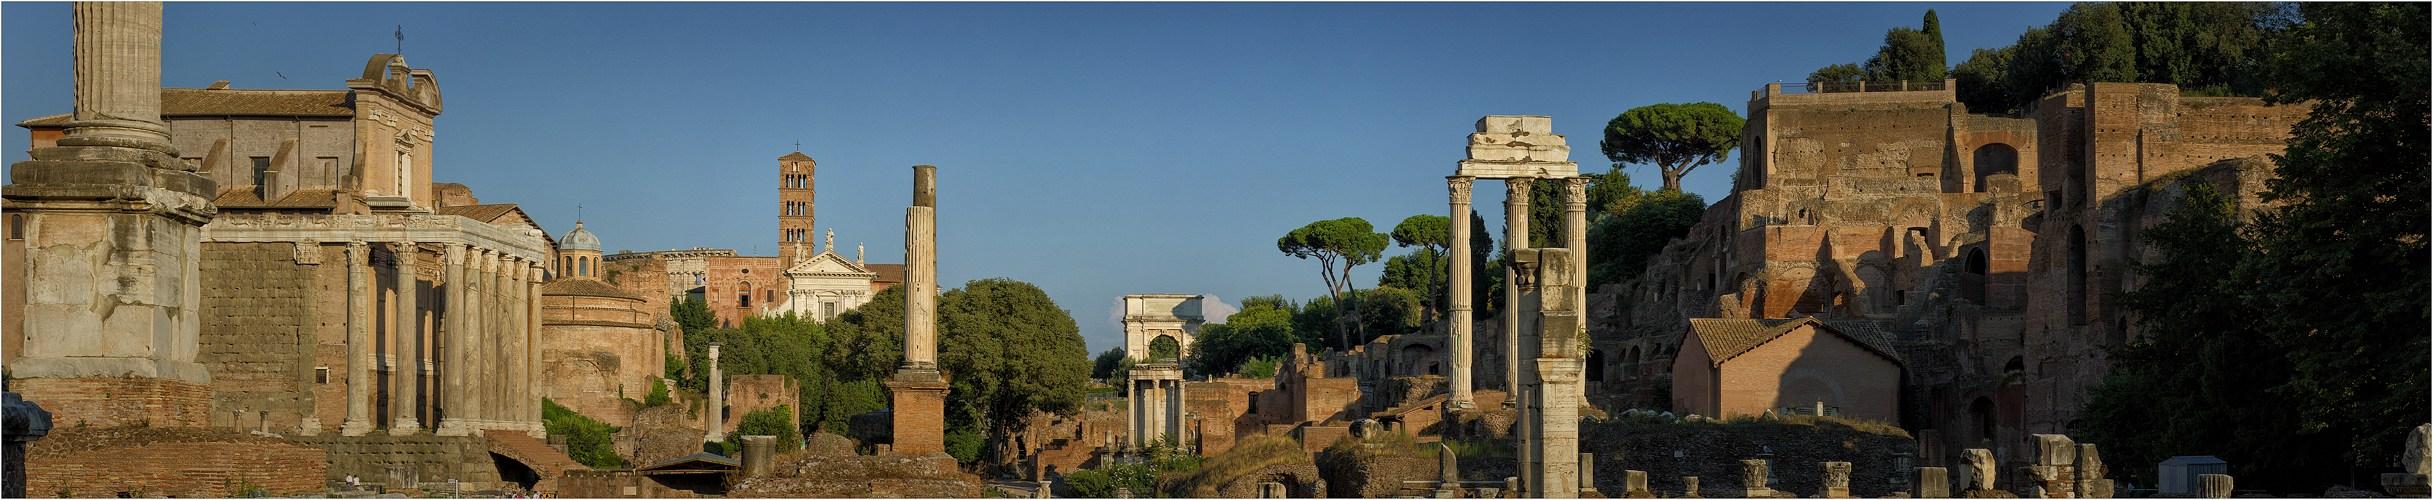 Forum Romanum - Panorama